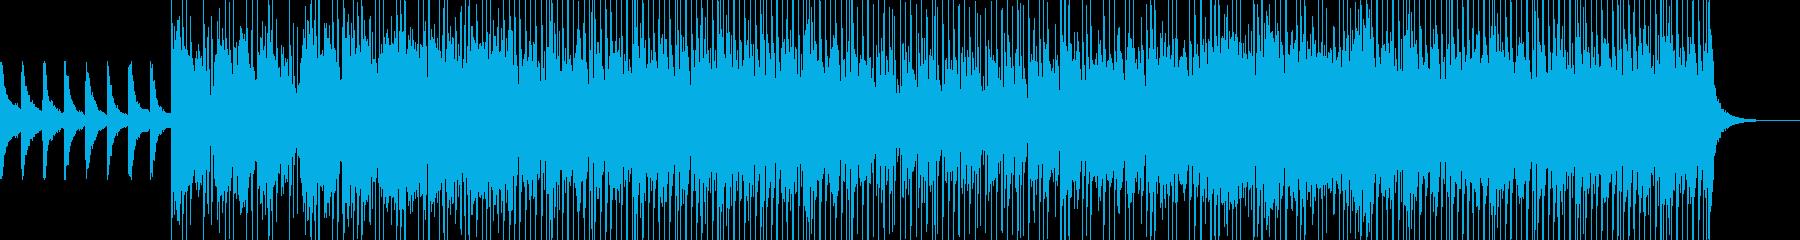 House saxの再生済みの波形